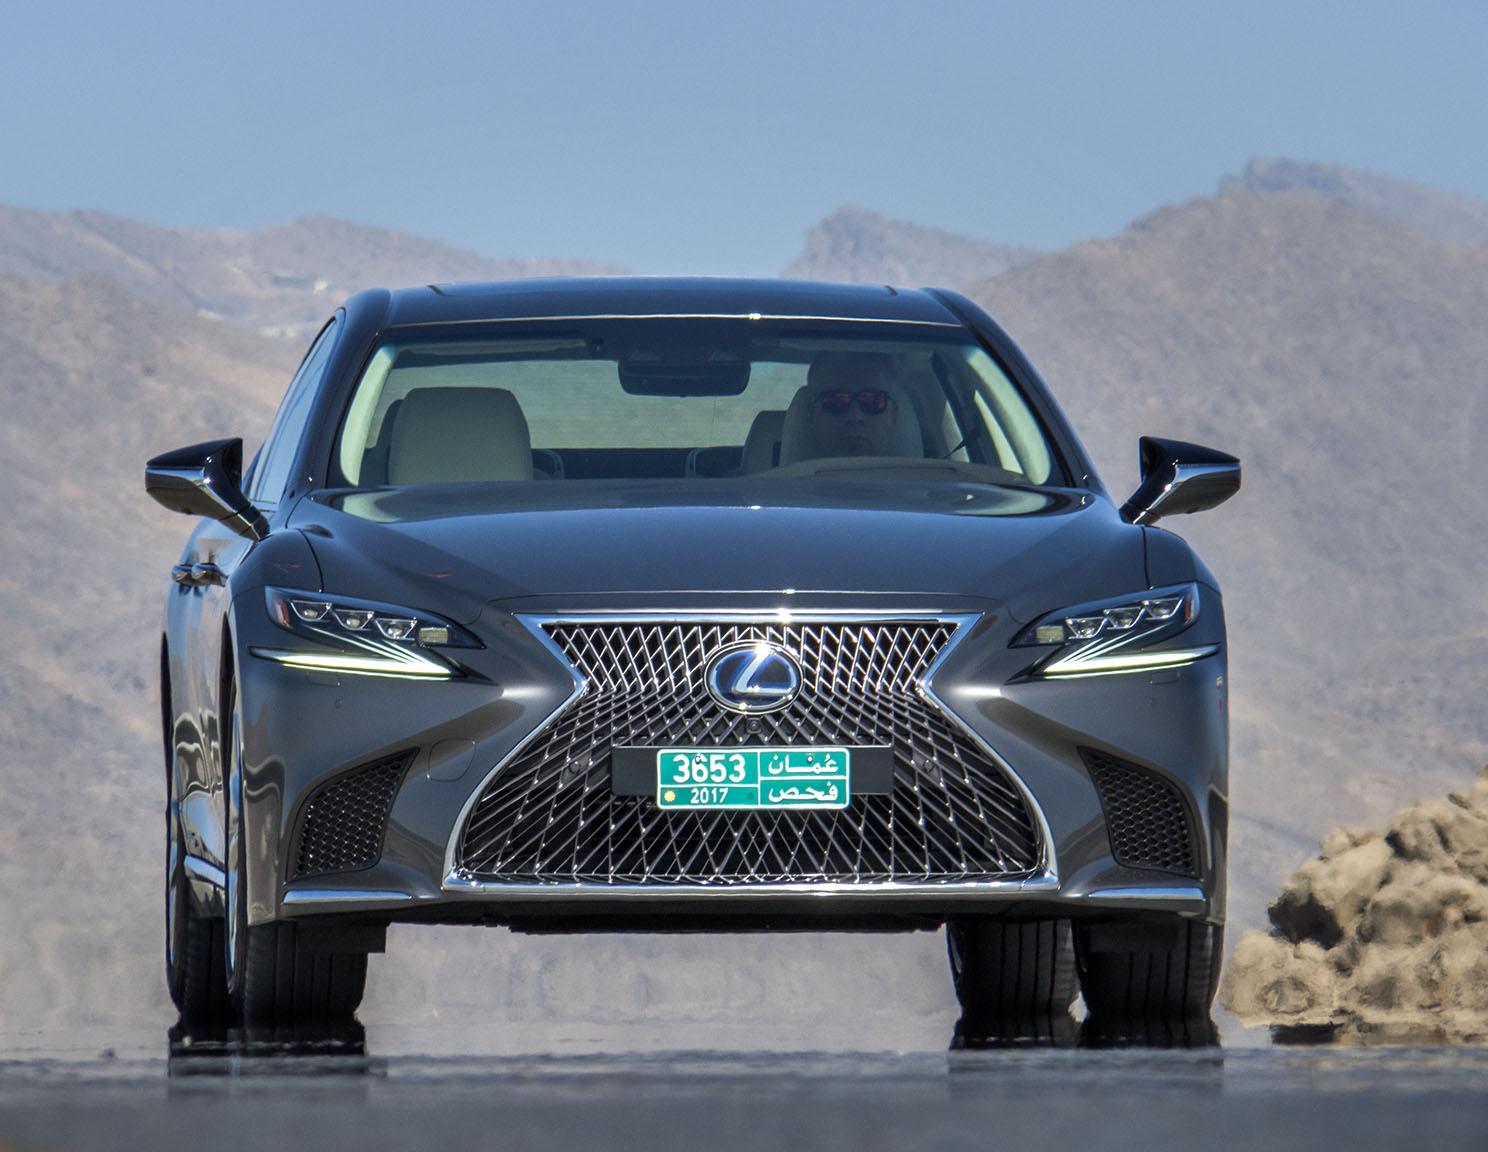 Kort sagt. Det mesta i Lexus LS 500h handlar om design, stil materialval och varumärkesbyggande. Det är just därför jag är övertygad om att den som väljer Orrefors glas, Riva-båtarna eller Bang & Olufsens musikanläggningar också överväger en Lexus LS 500h.